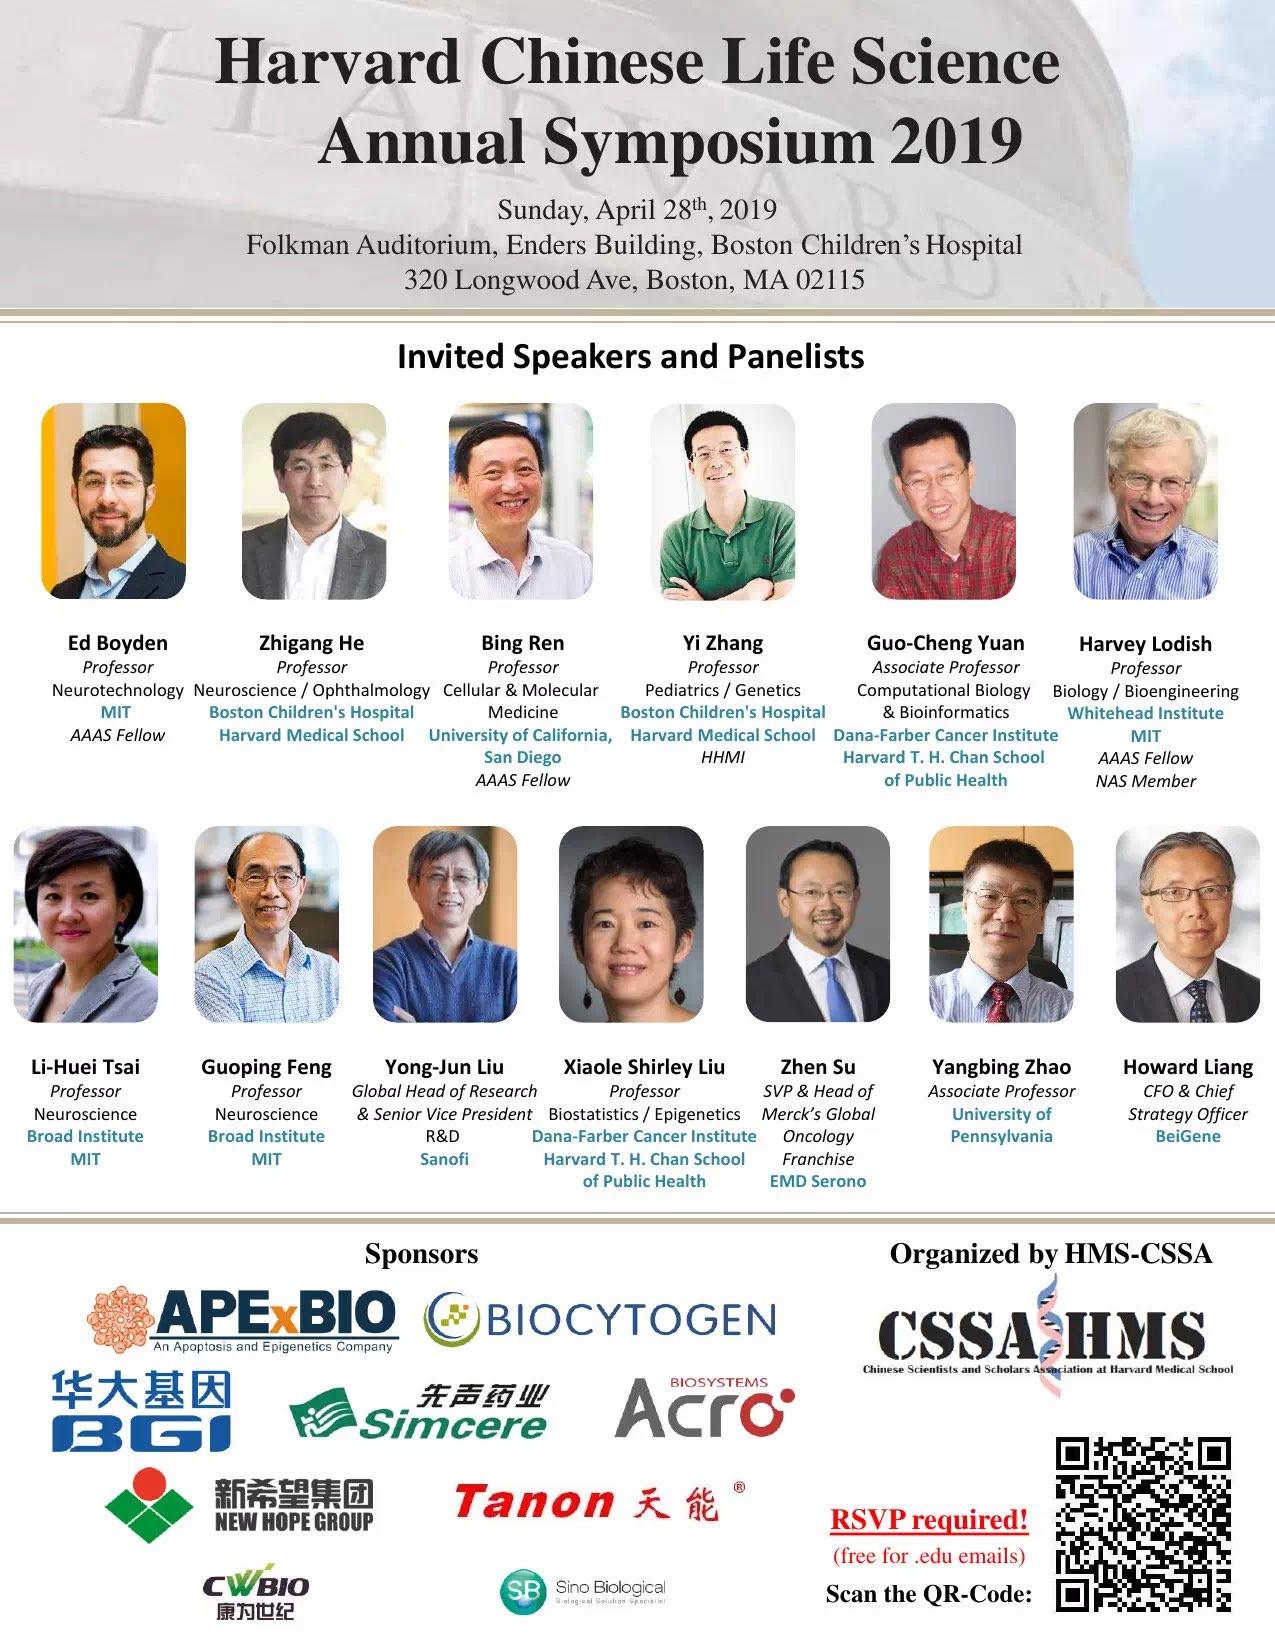 HMS-CSSA 2019 Annual Symposium Speakers